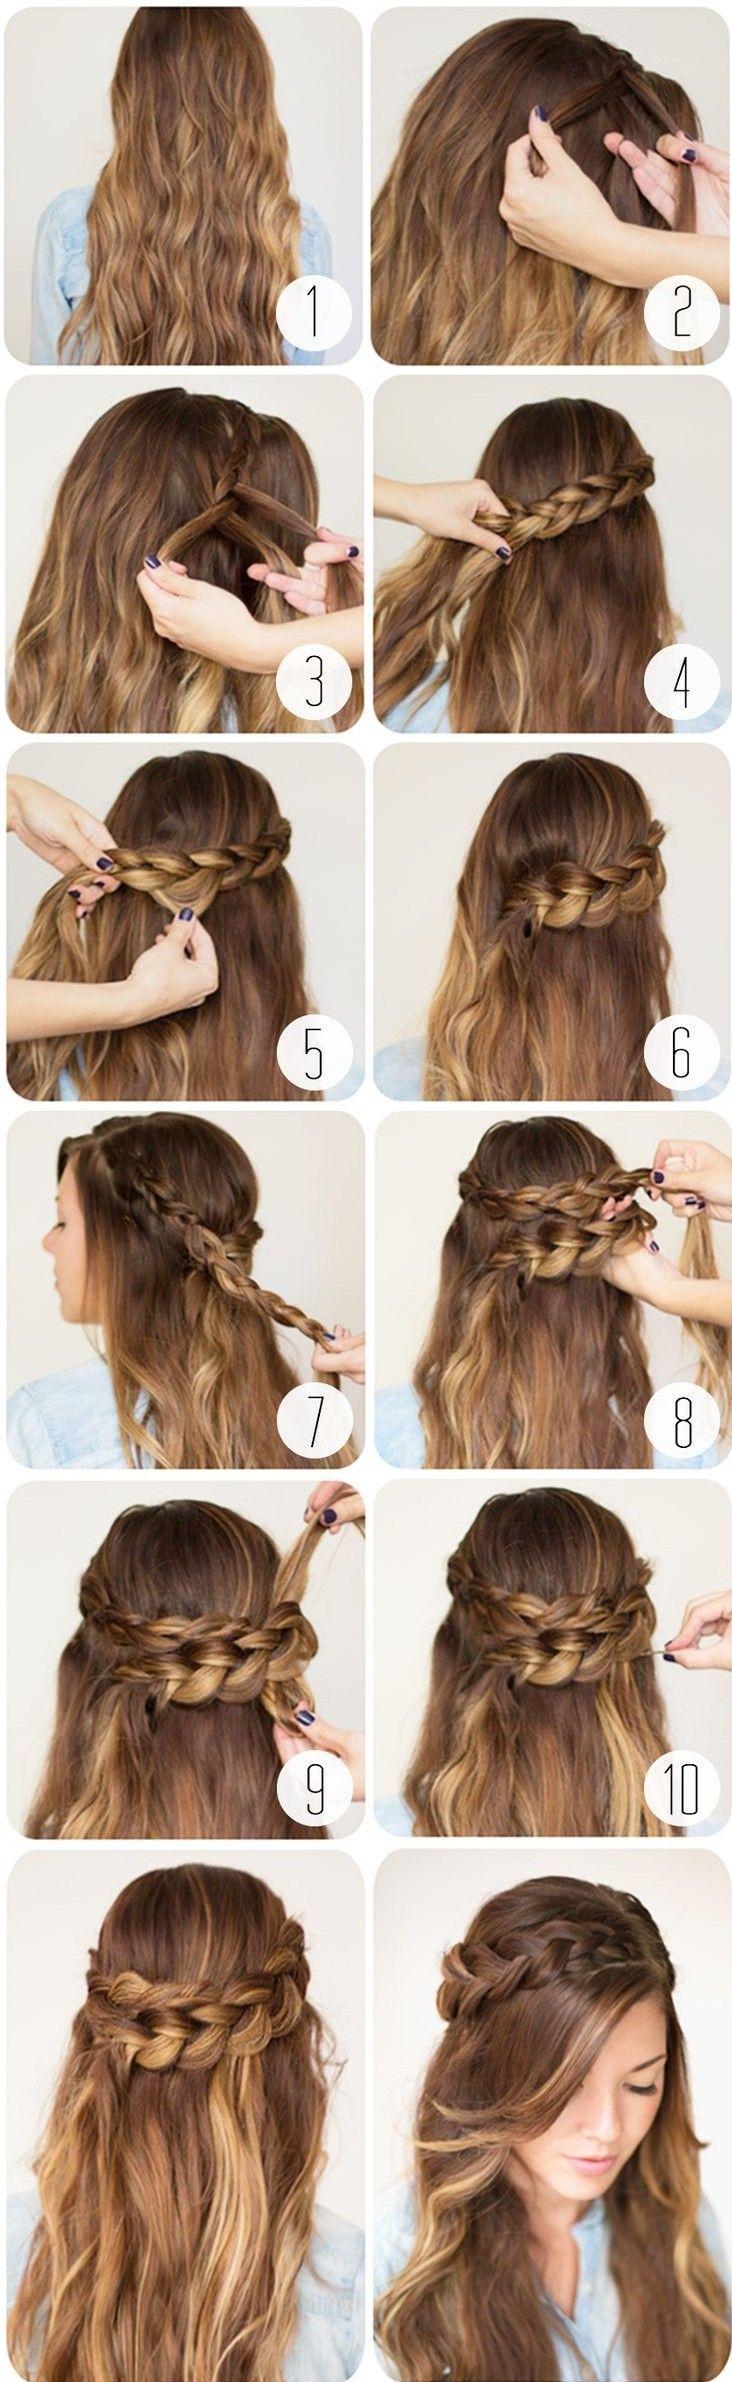 Step By Step Braided Hair Tutorials